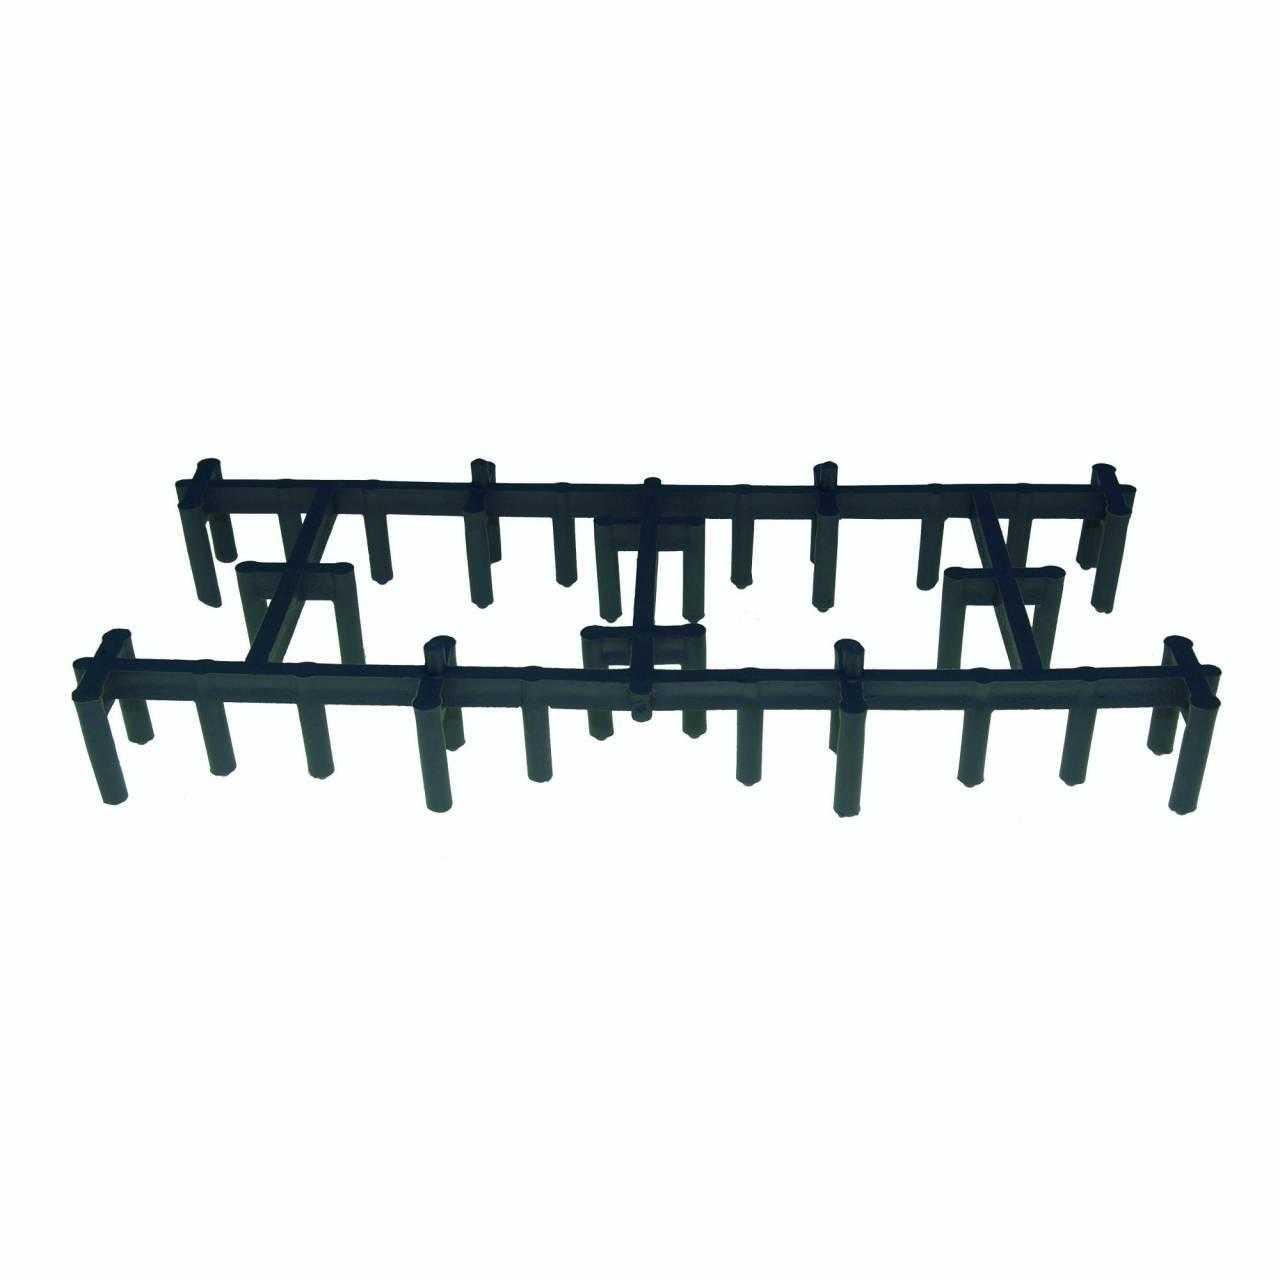 Rhombus-15 Flächen-Armierungsabstandhalter / Sack a 400 Stück